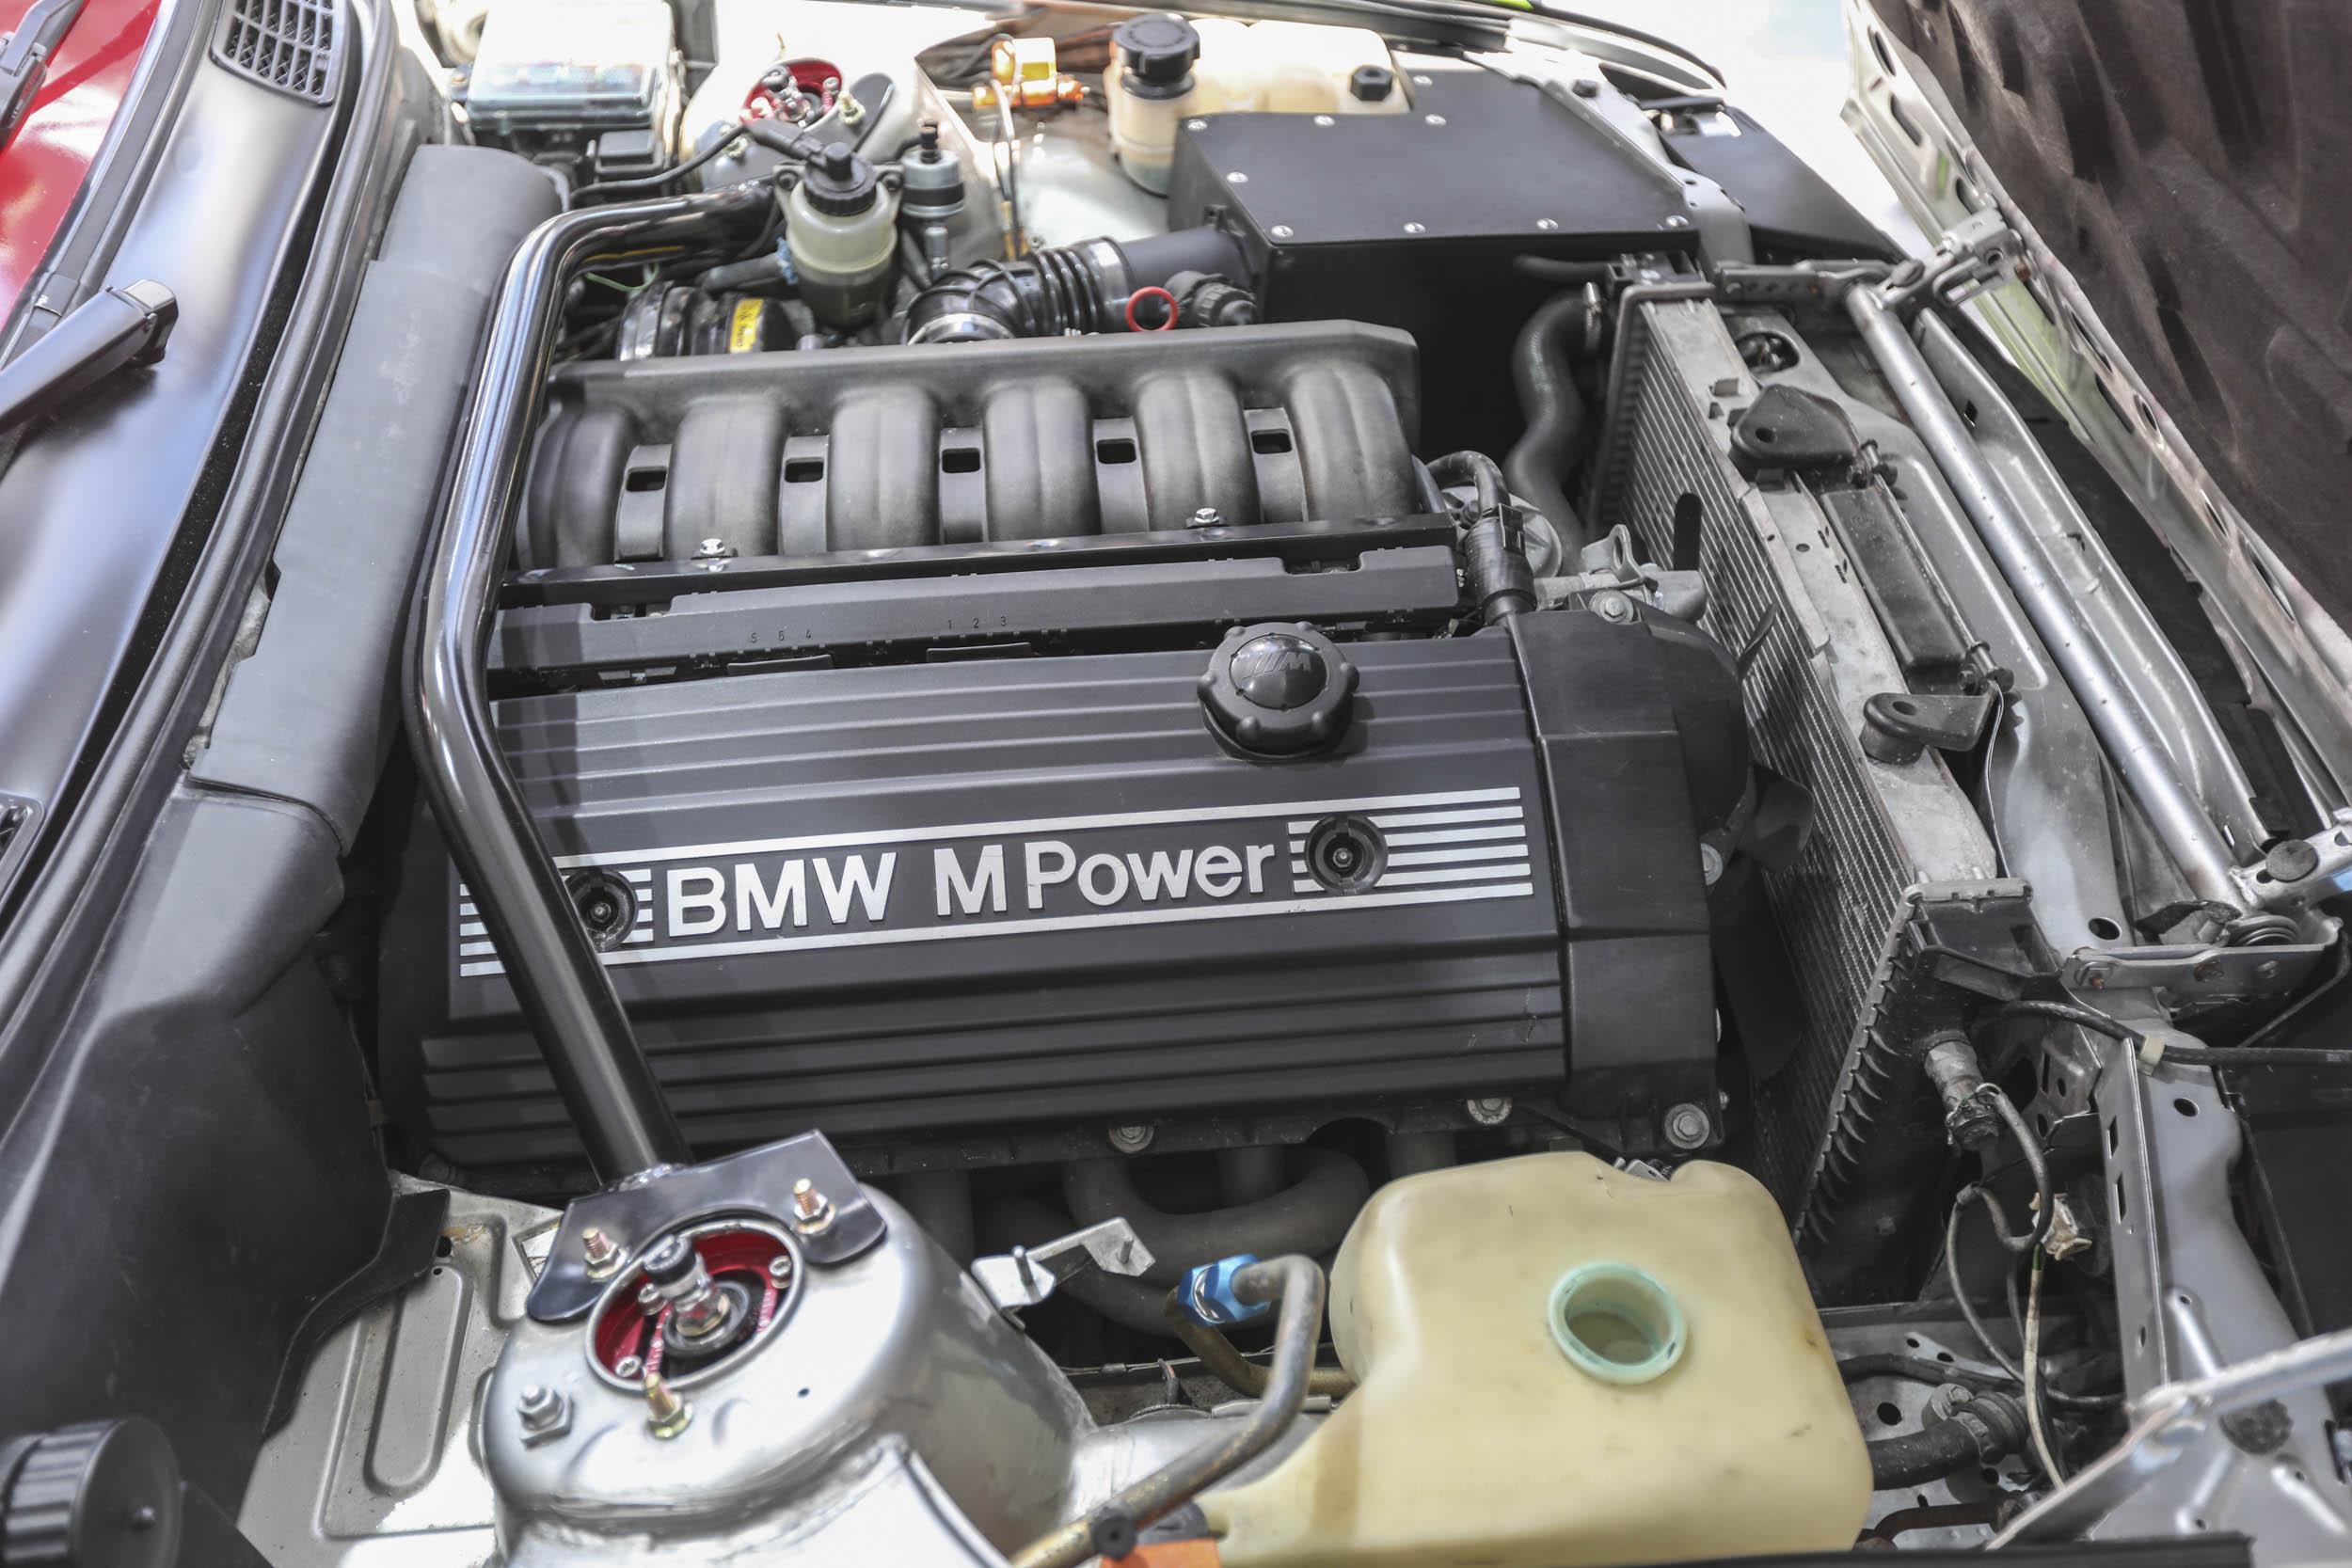 BMW M Power inline six